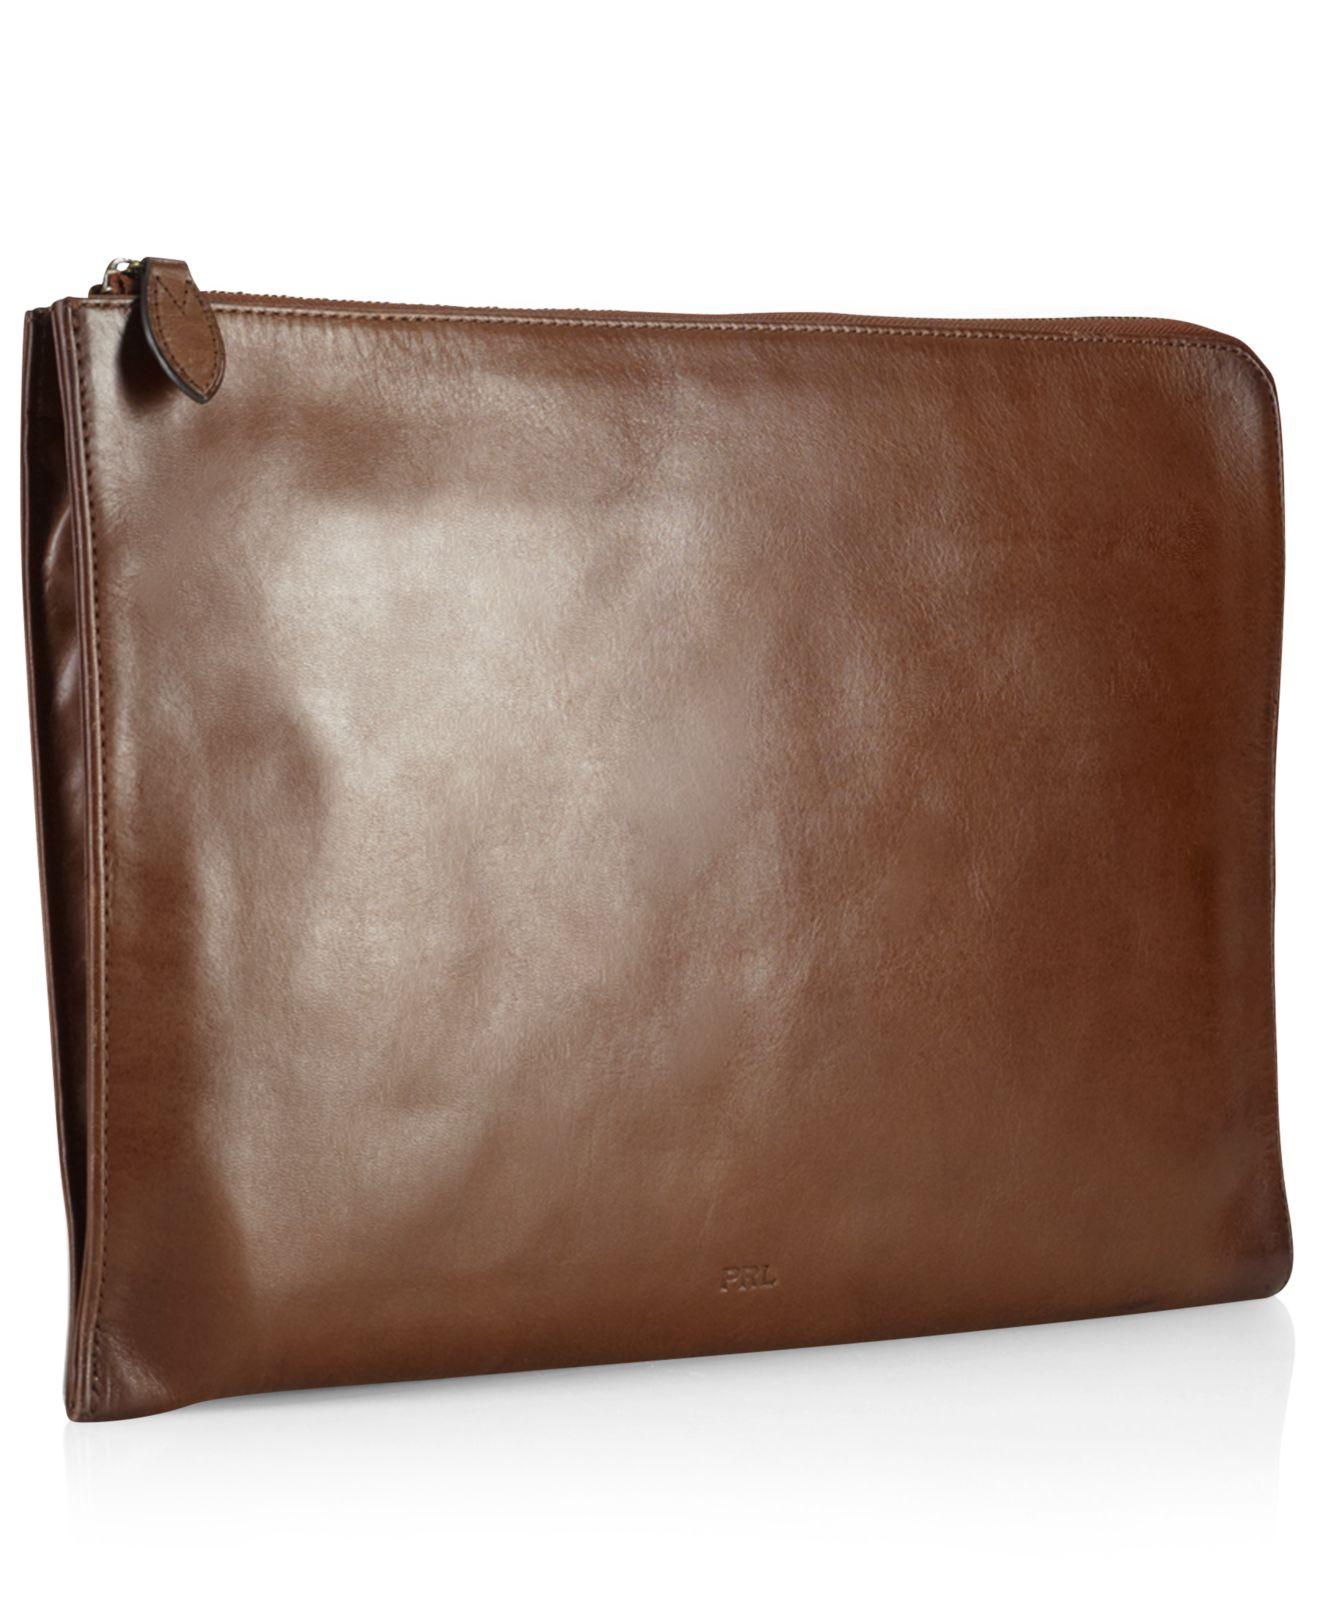 0b90e863abda Lyst - Polo Ralph Lauren Core Leather Folio in Brown for Men